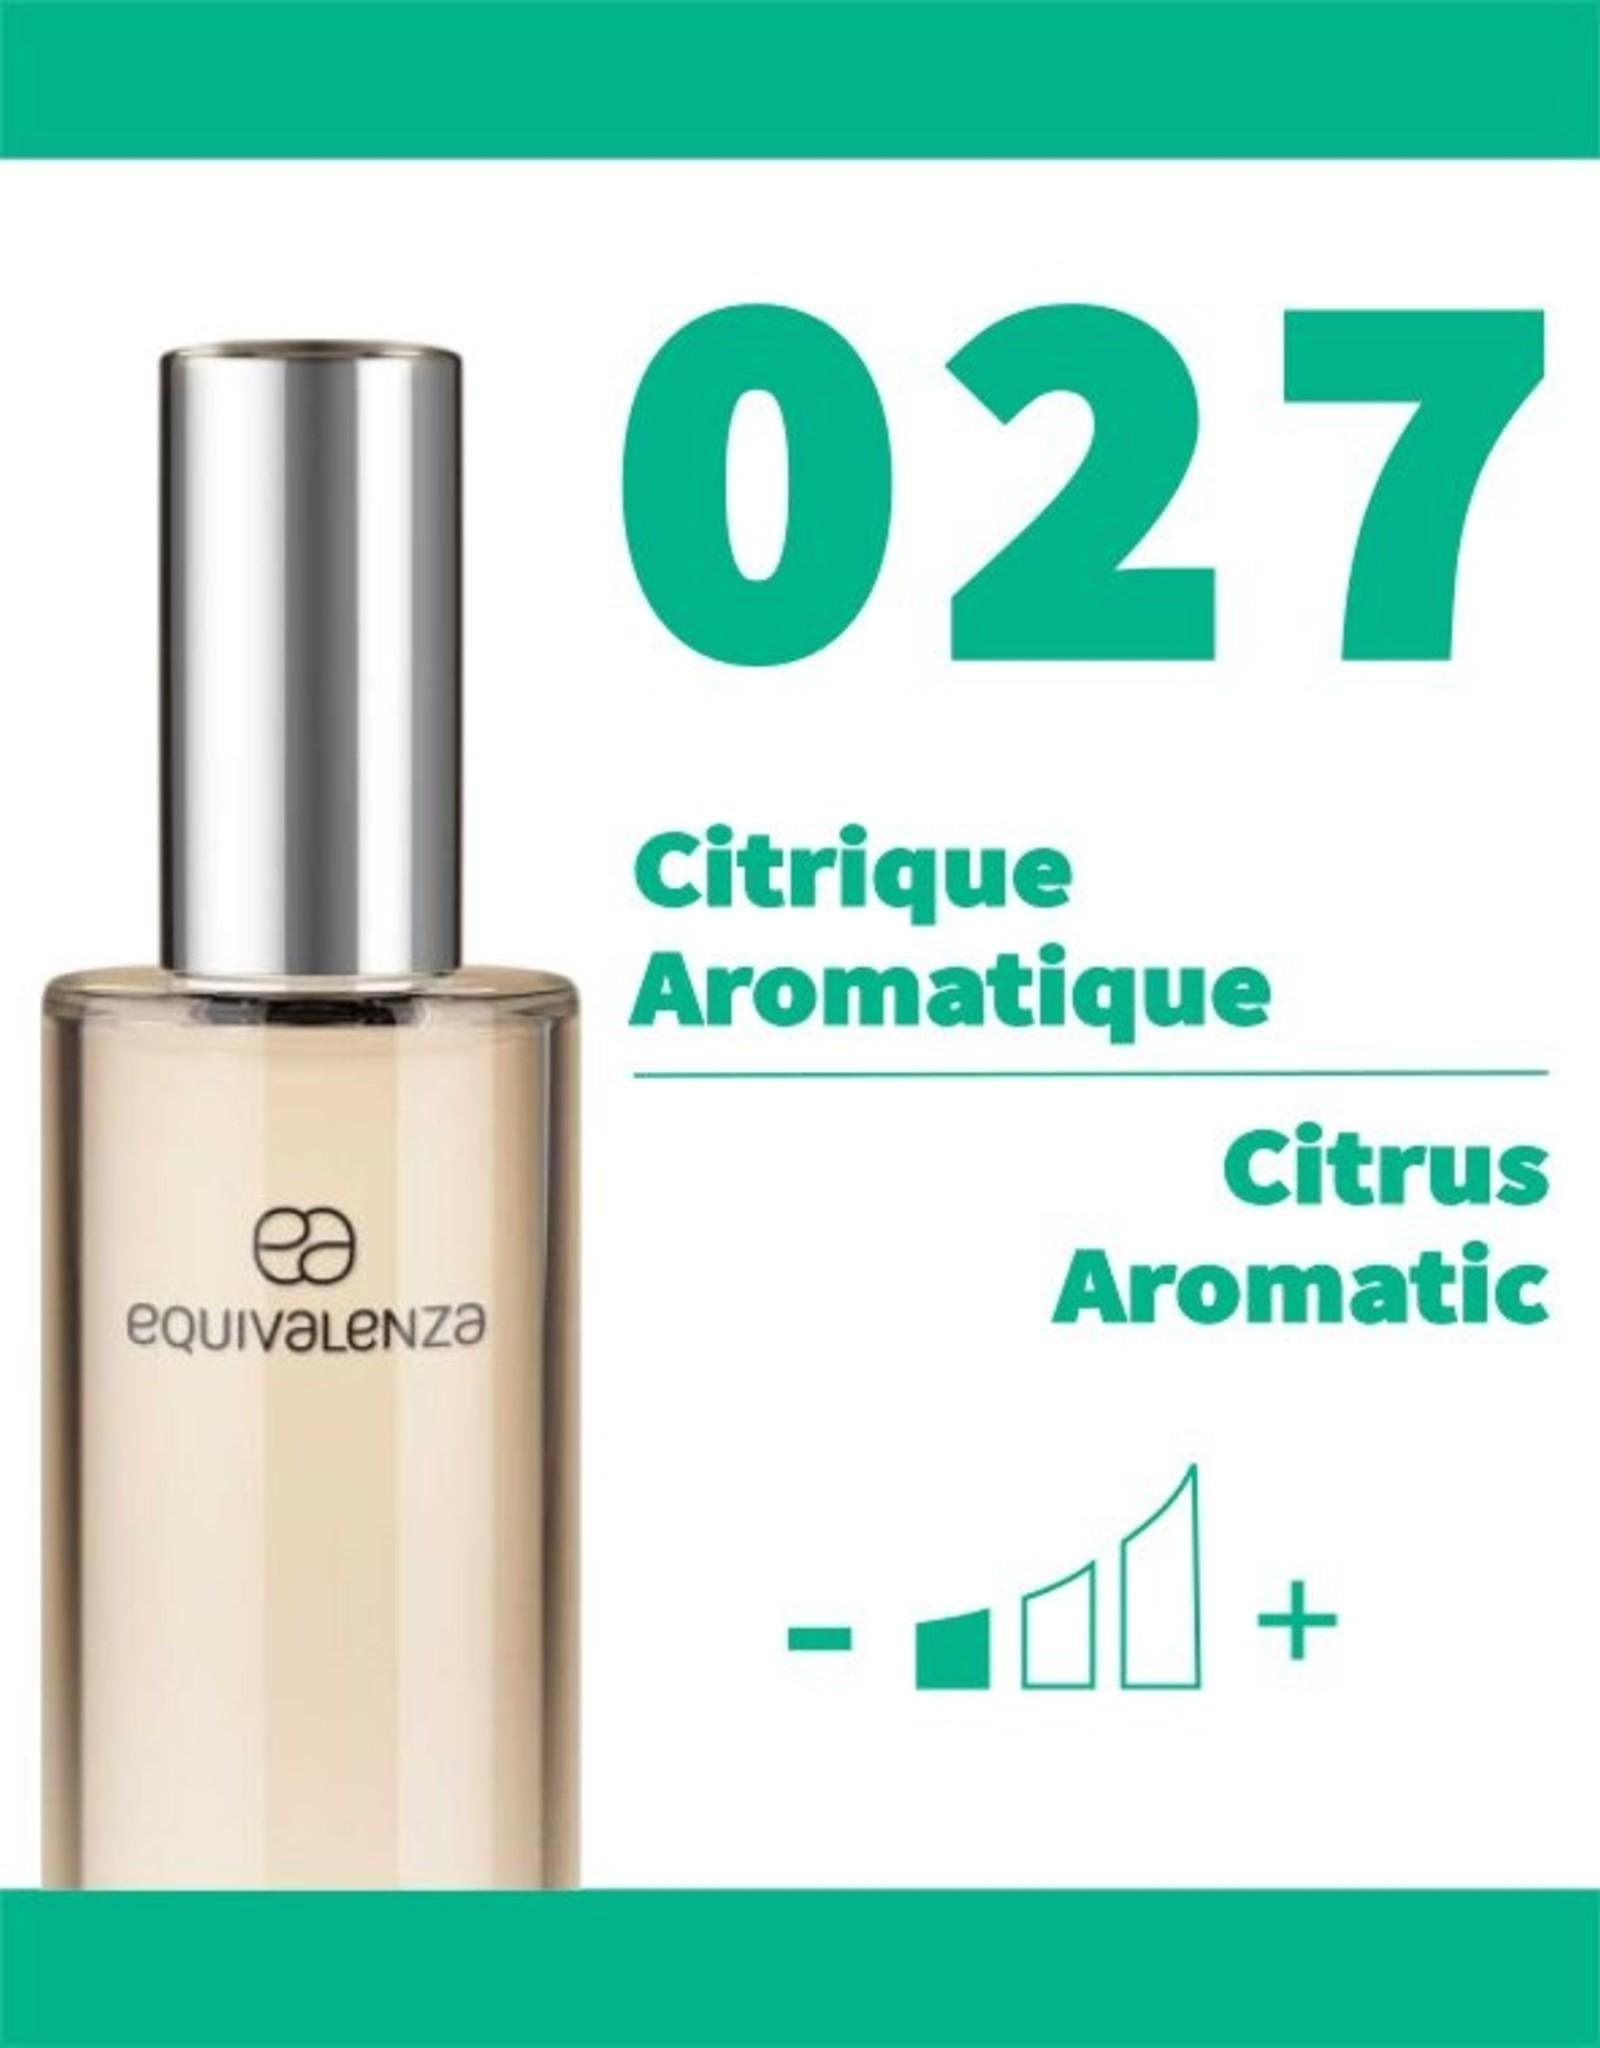 Equivalenza Eau de Toilette Citrique Aromatique 027